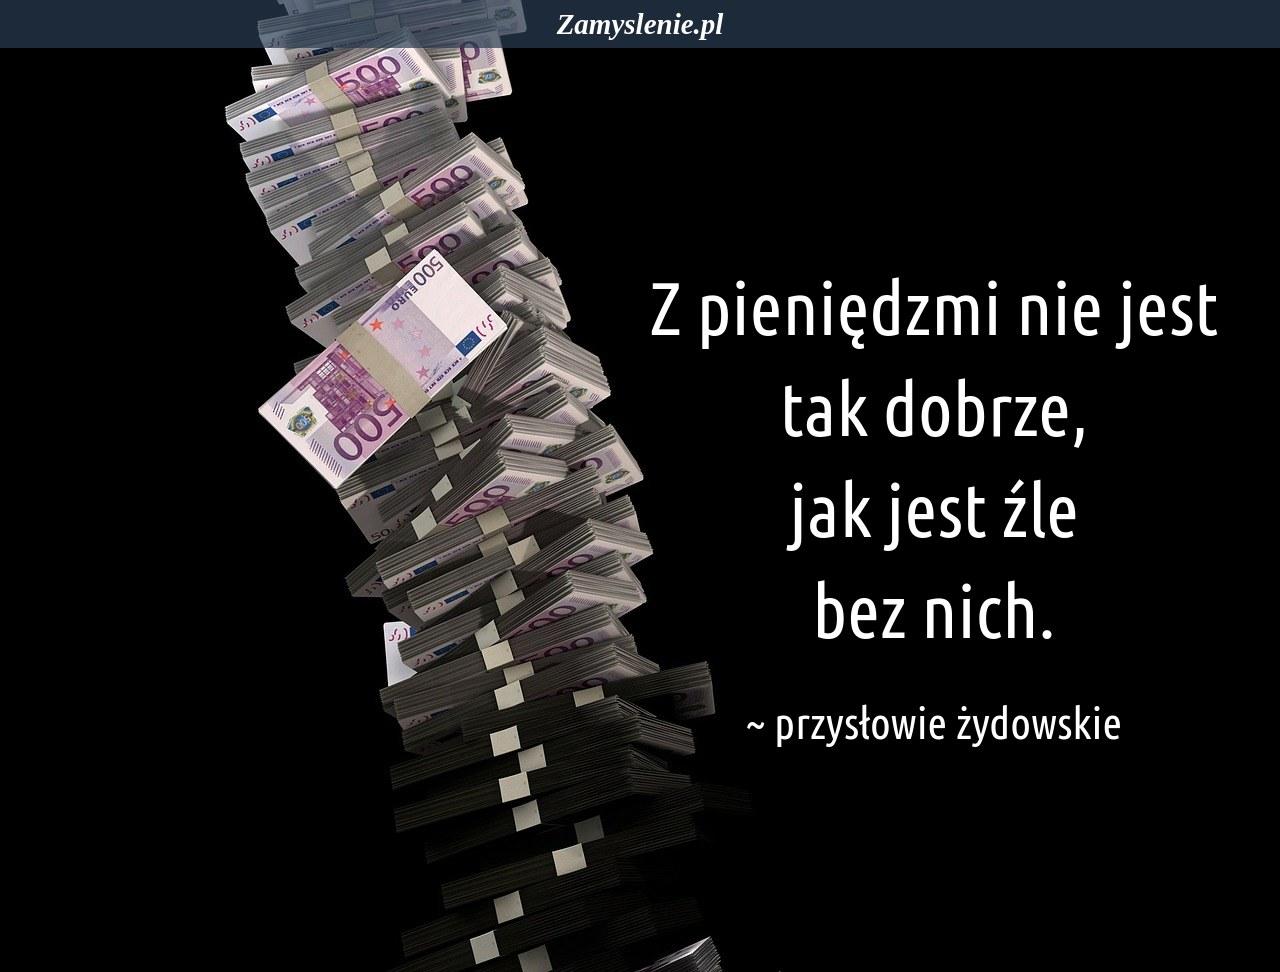 Obraz / mem do cytatu: Z pieniędzmi nie jest tak dobrze, jak jest źle bez nich.